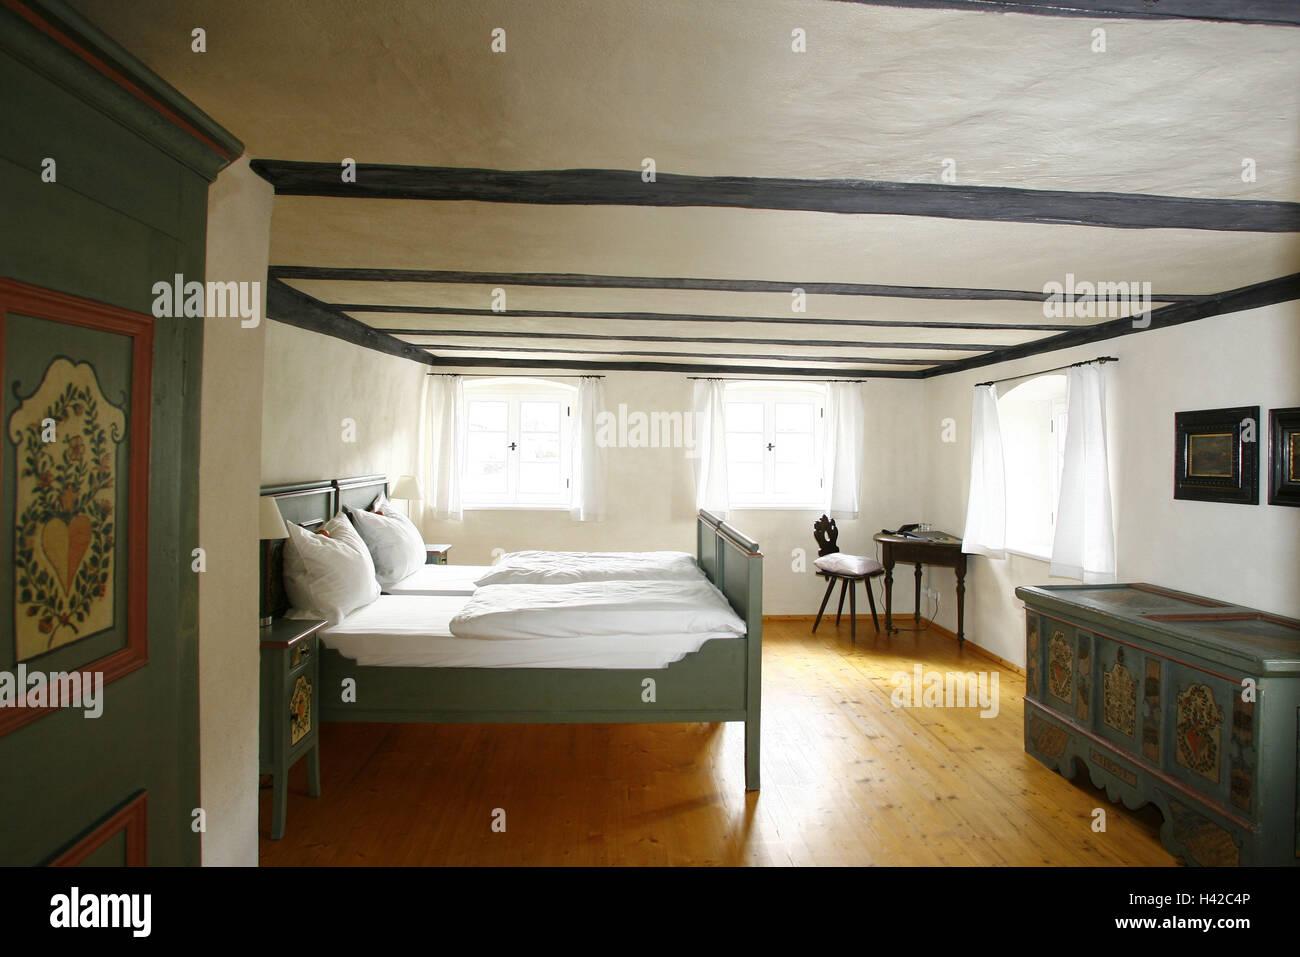 Chambre d\'hôtel dans le style maison de campagne Banque D ...